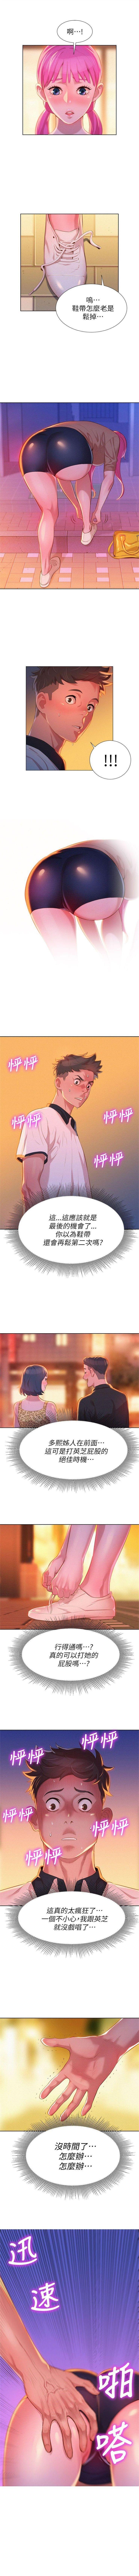 (周7)漂亮干姐姐  1-79 中文翻译 (更新中) 29